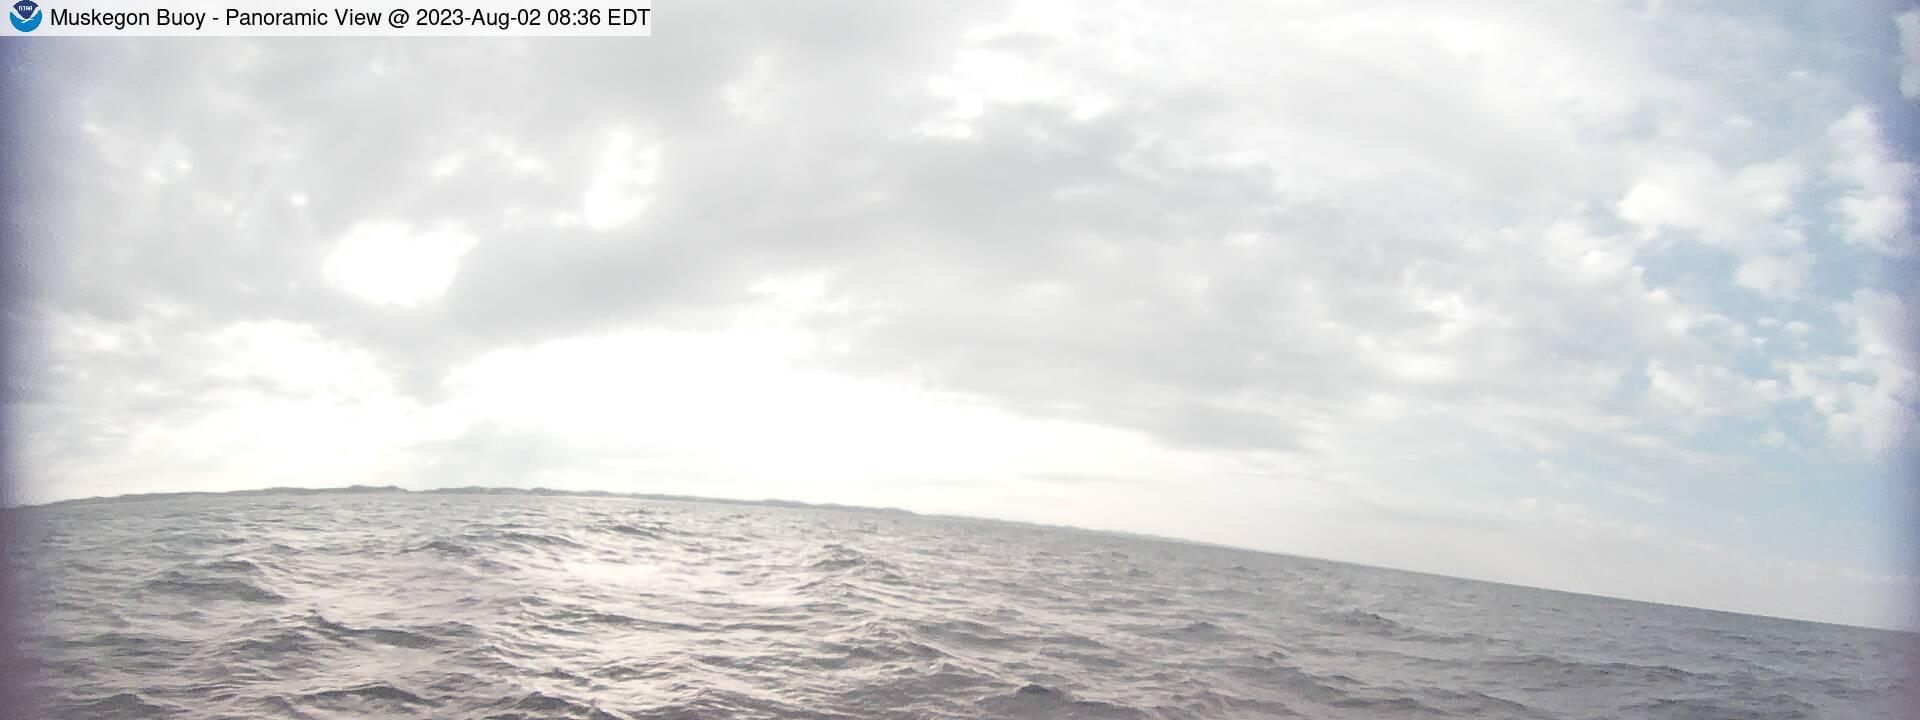 GVSU Panoramic View